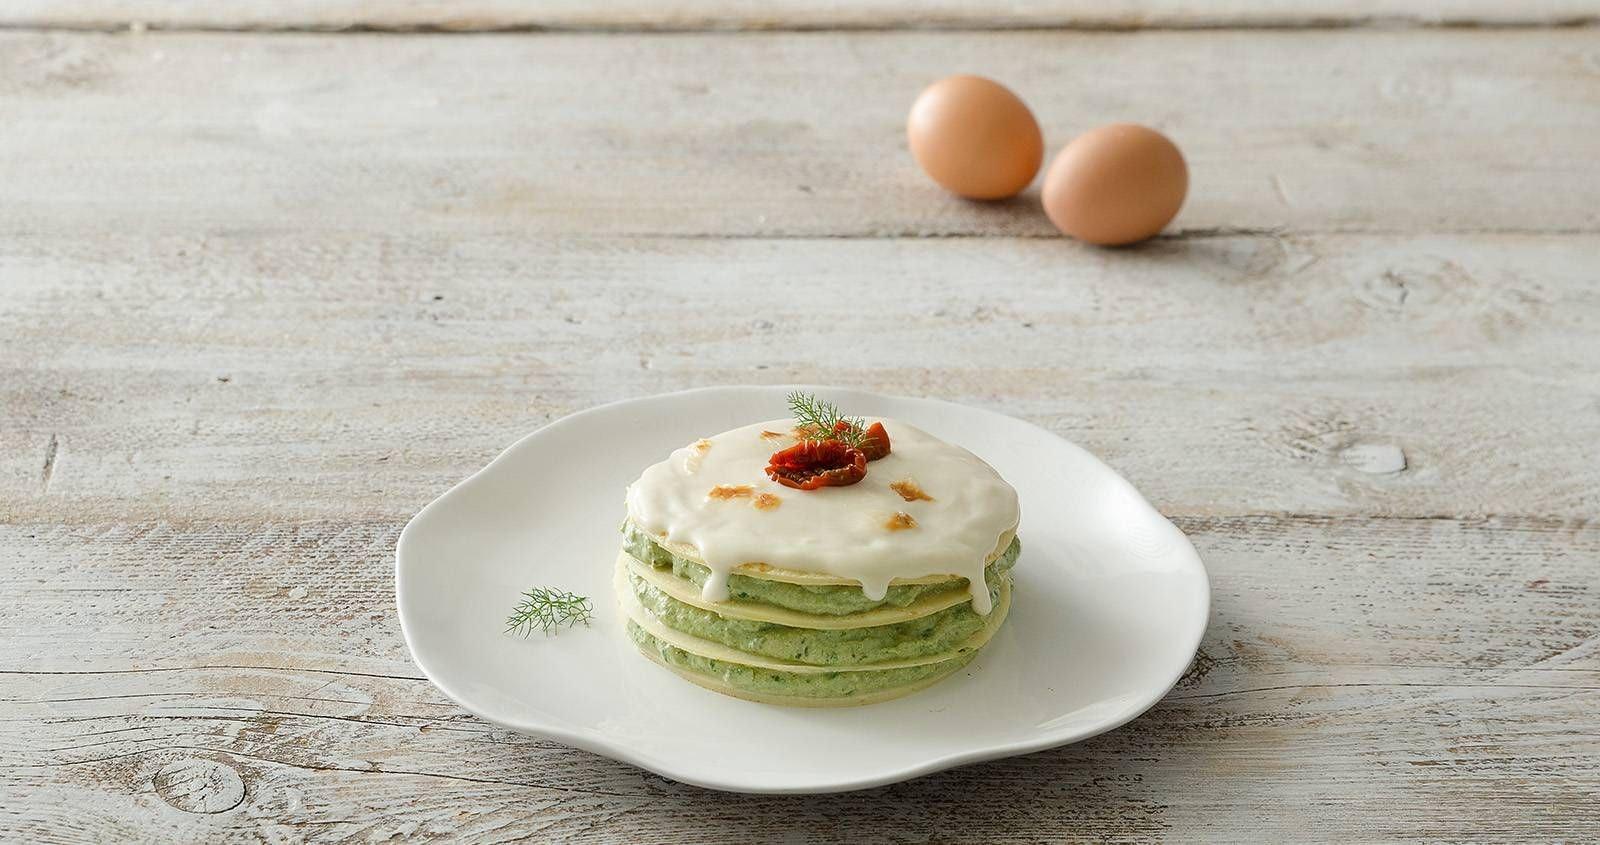 Torta di crepes ricotta e spinaci - Parmalat